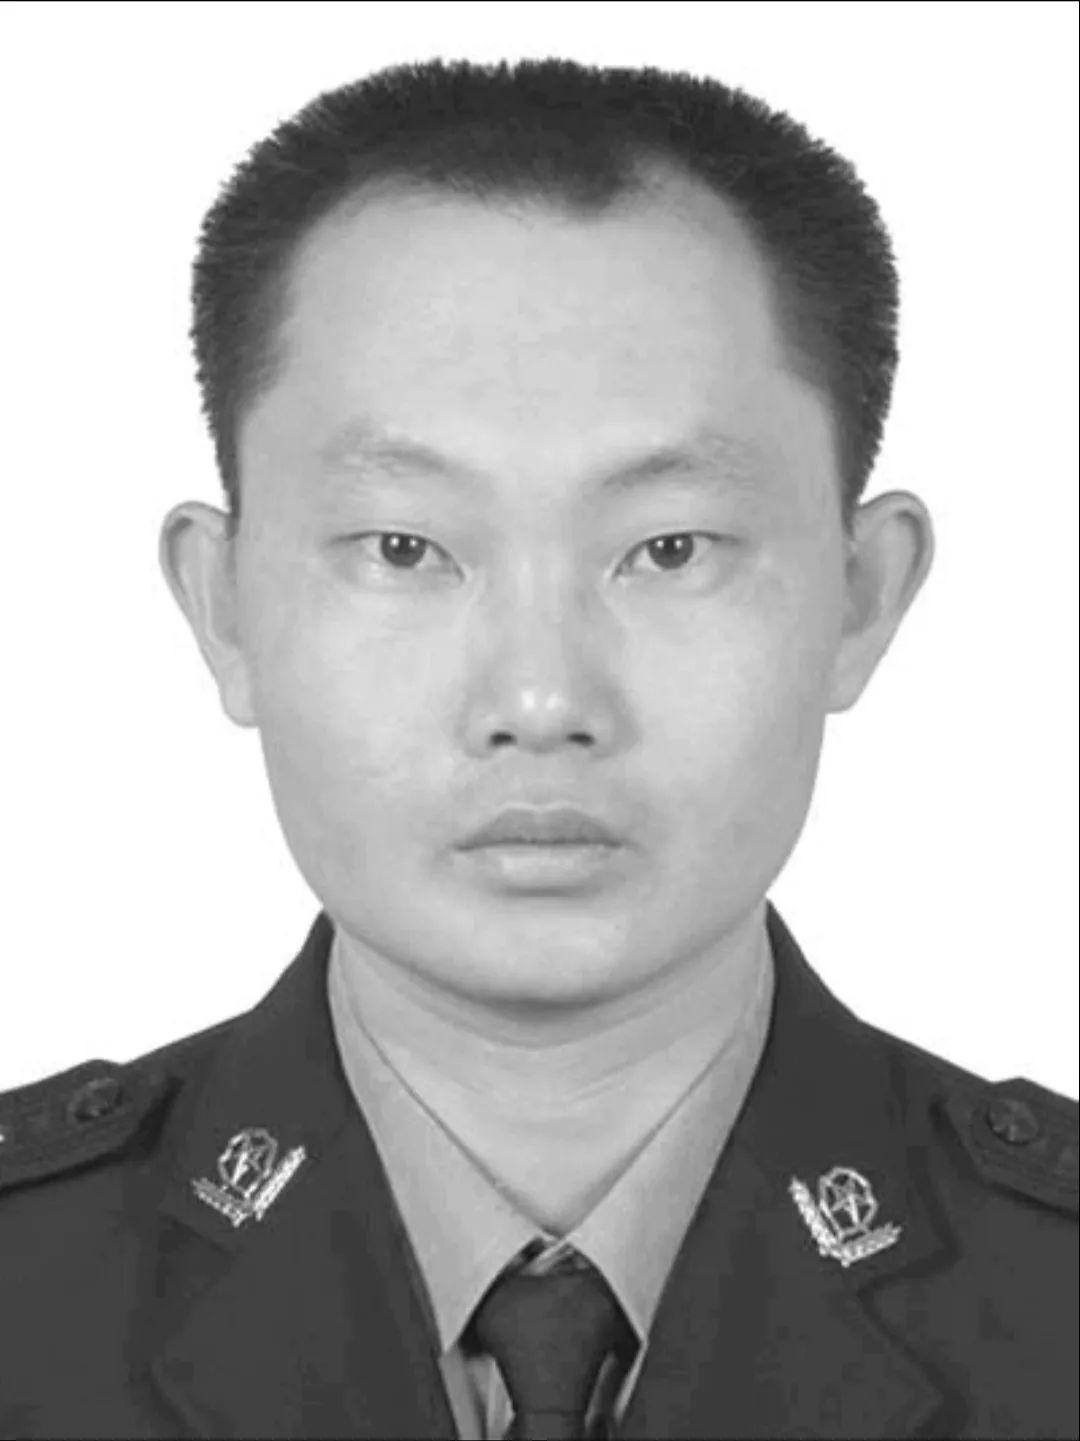 沉痛哀悼!吴川公安局45岁副局长因过度劳累突发疾病倒在岗位上……(图1)